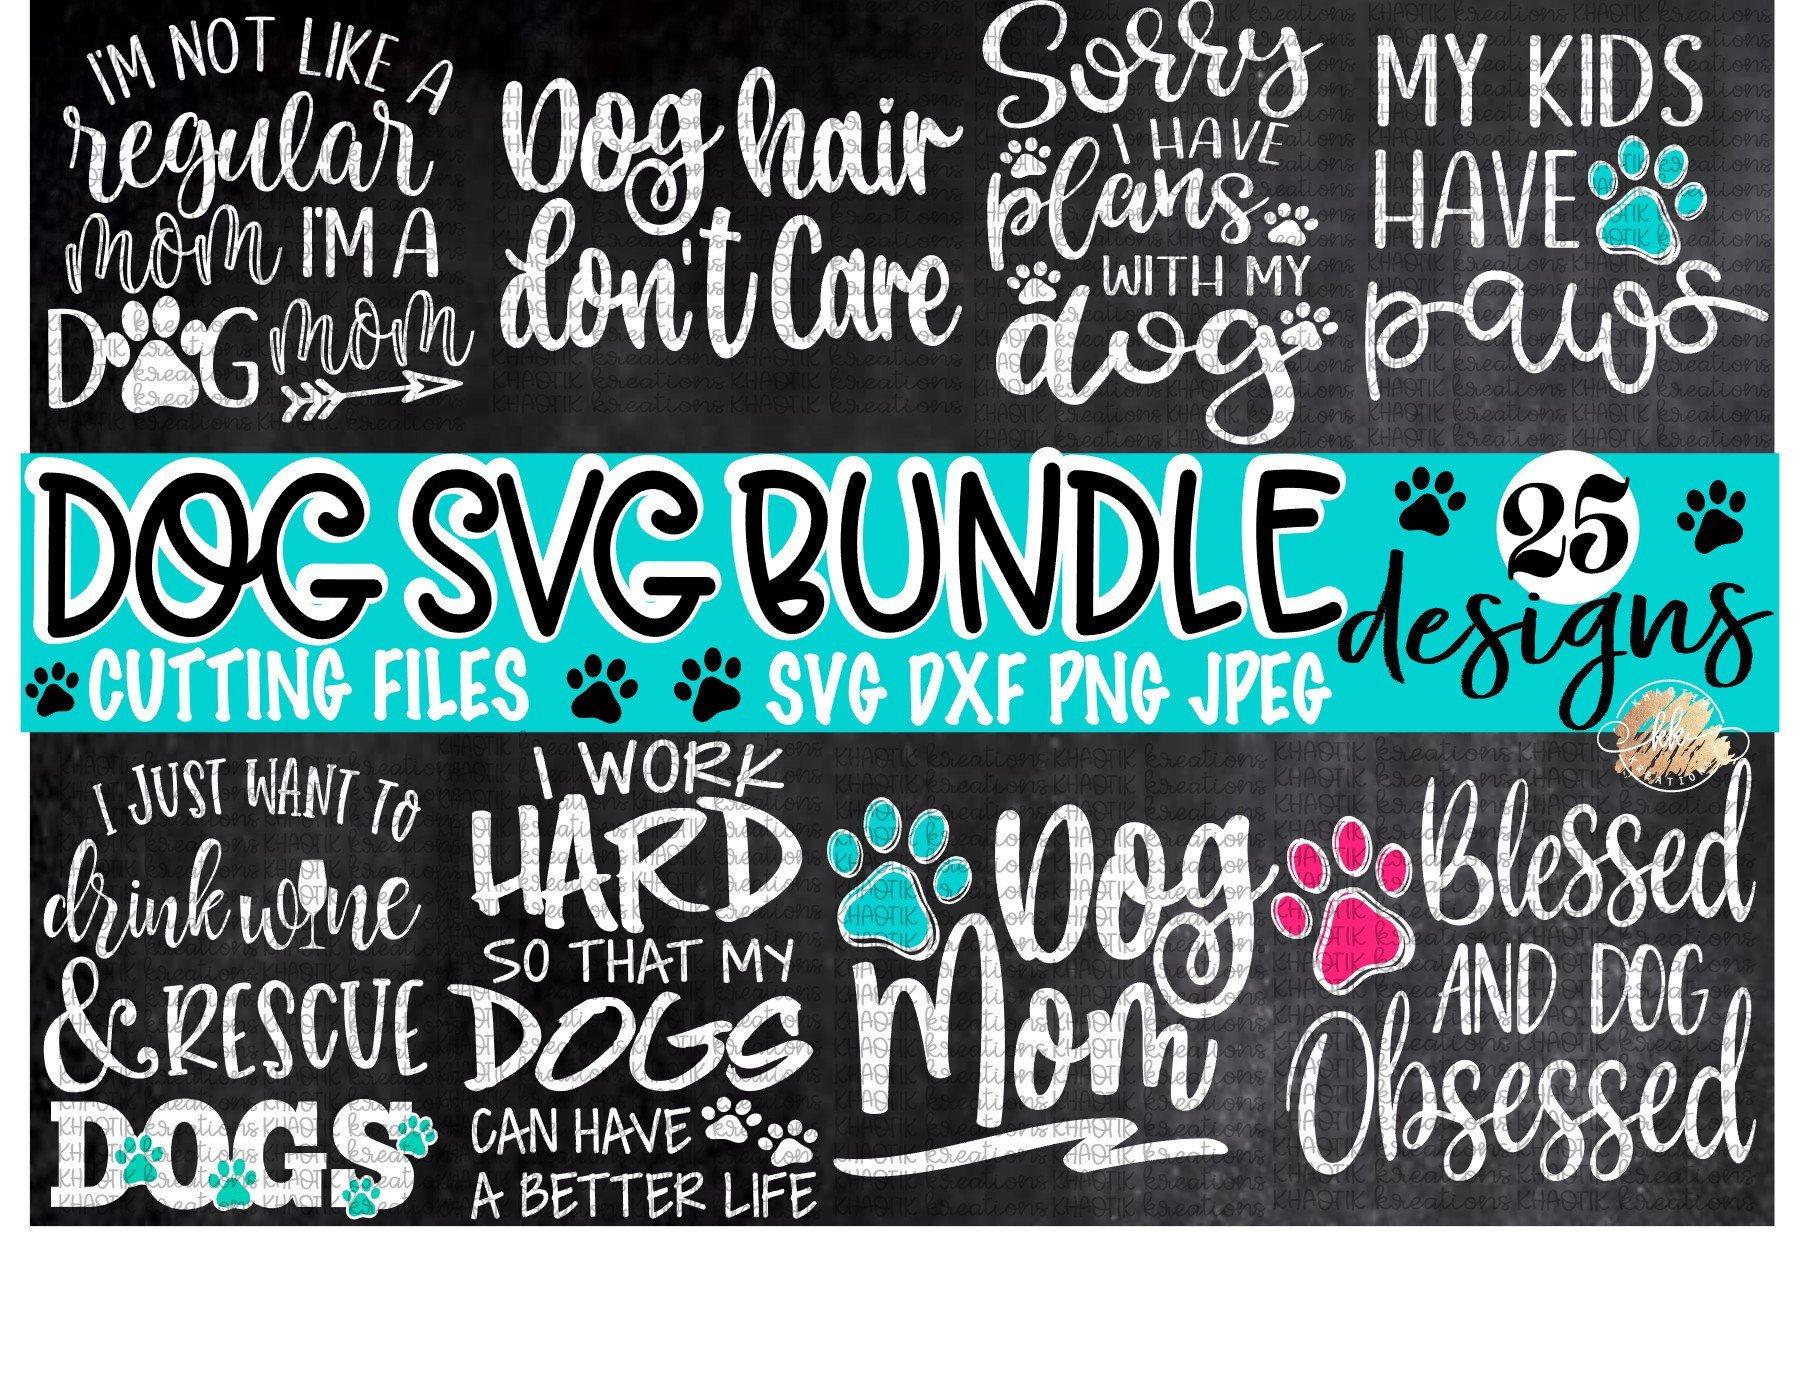 Dog Svg Bundle Dog Sayings Bundle Svg Funny Dog Svg Bundle Dog Svg Dog Mom  Svg Dog Life Svg Funny Dog Svg Svg Designs Svg Cut Files Cricut